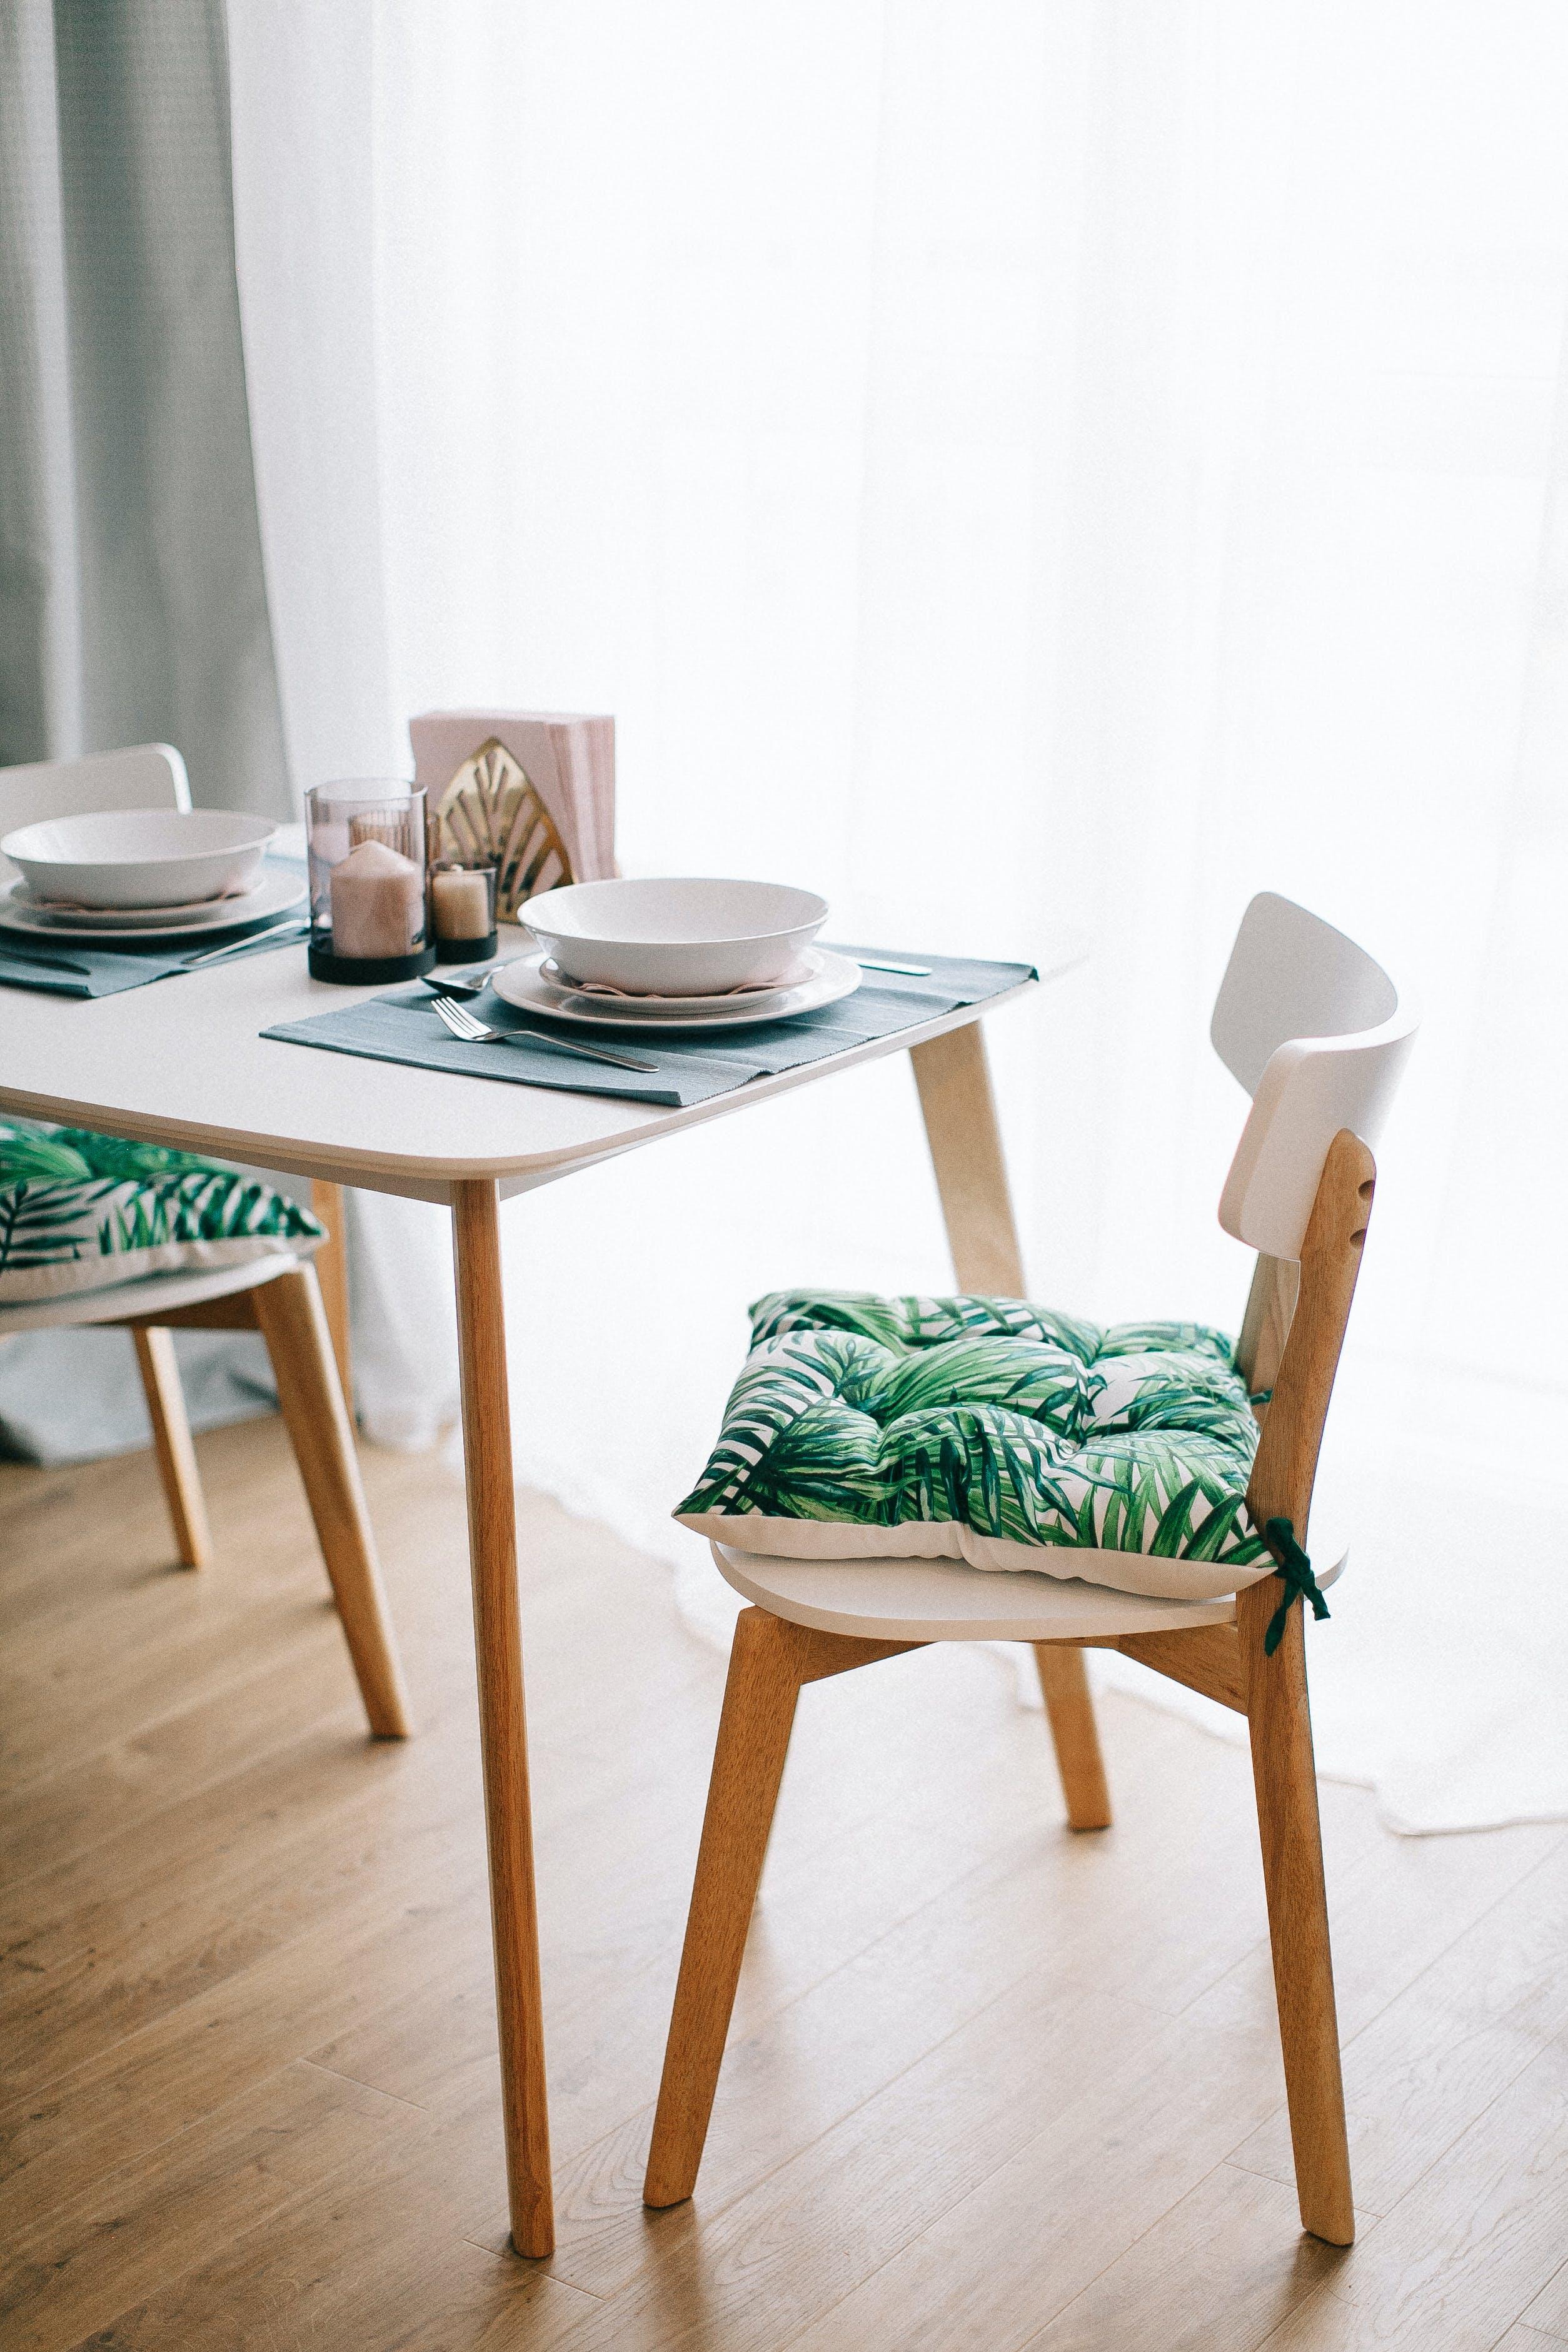 Gratis lagerfoto af boligindretning, borddækning, Bordservice, design